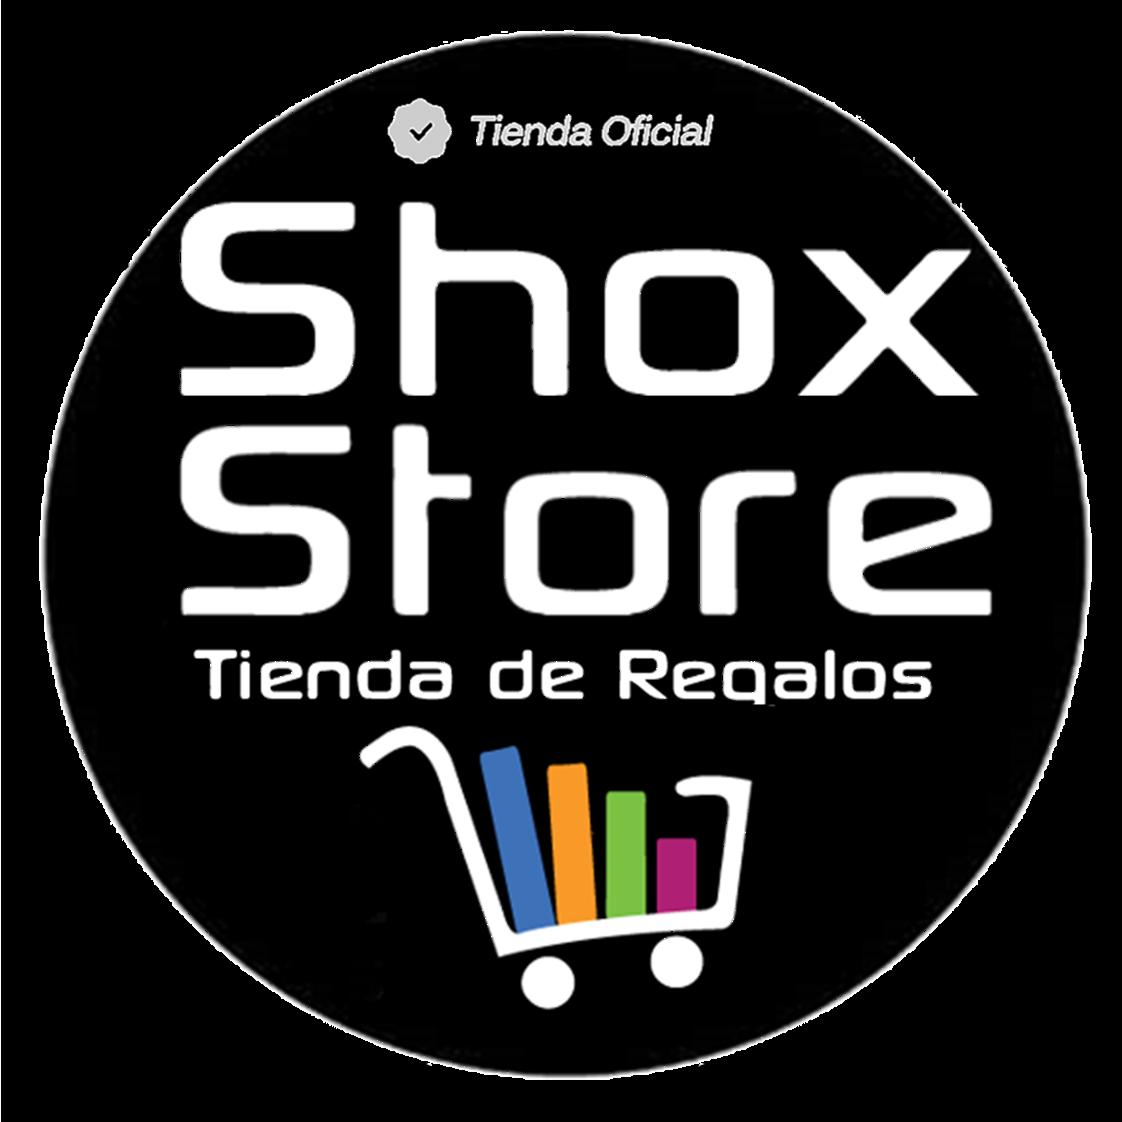 Shox Store